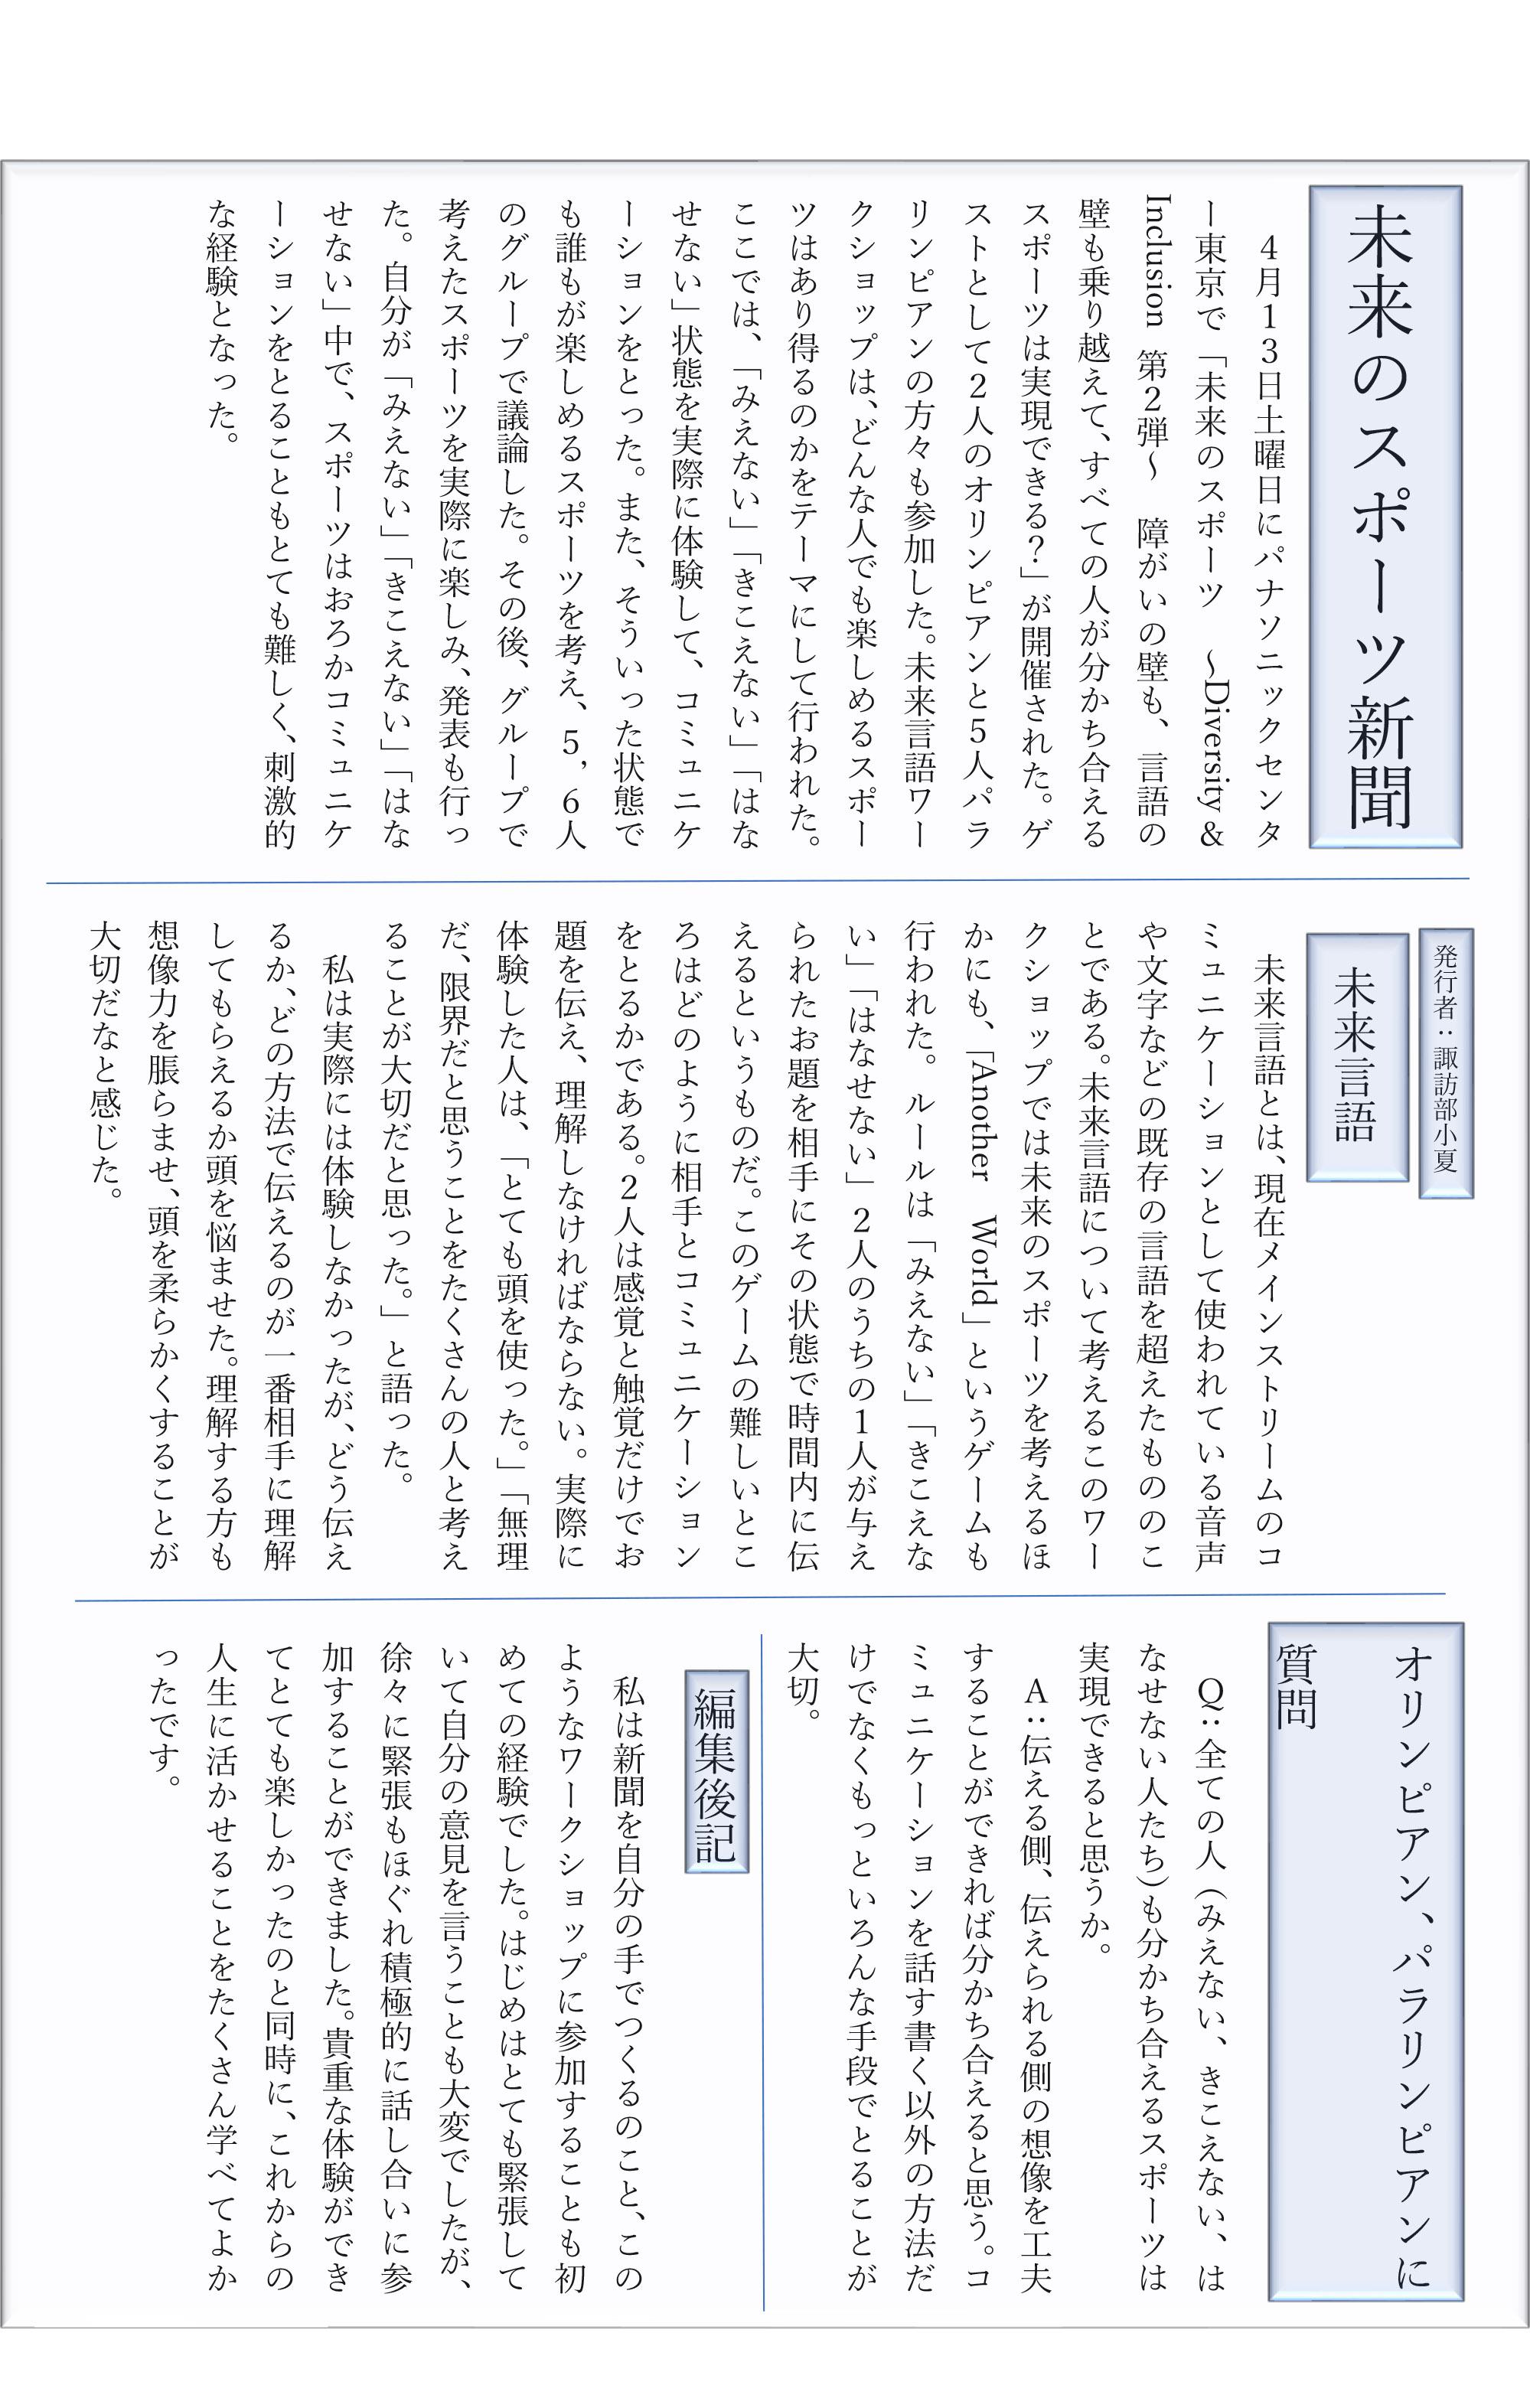 未来のスポーツ新聞 | 記事・新聞を読む | 文化プログラムプレスセンター